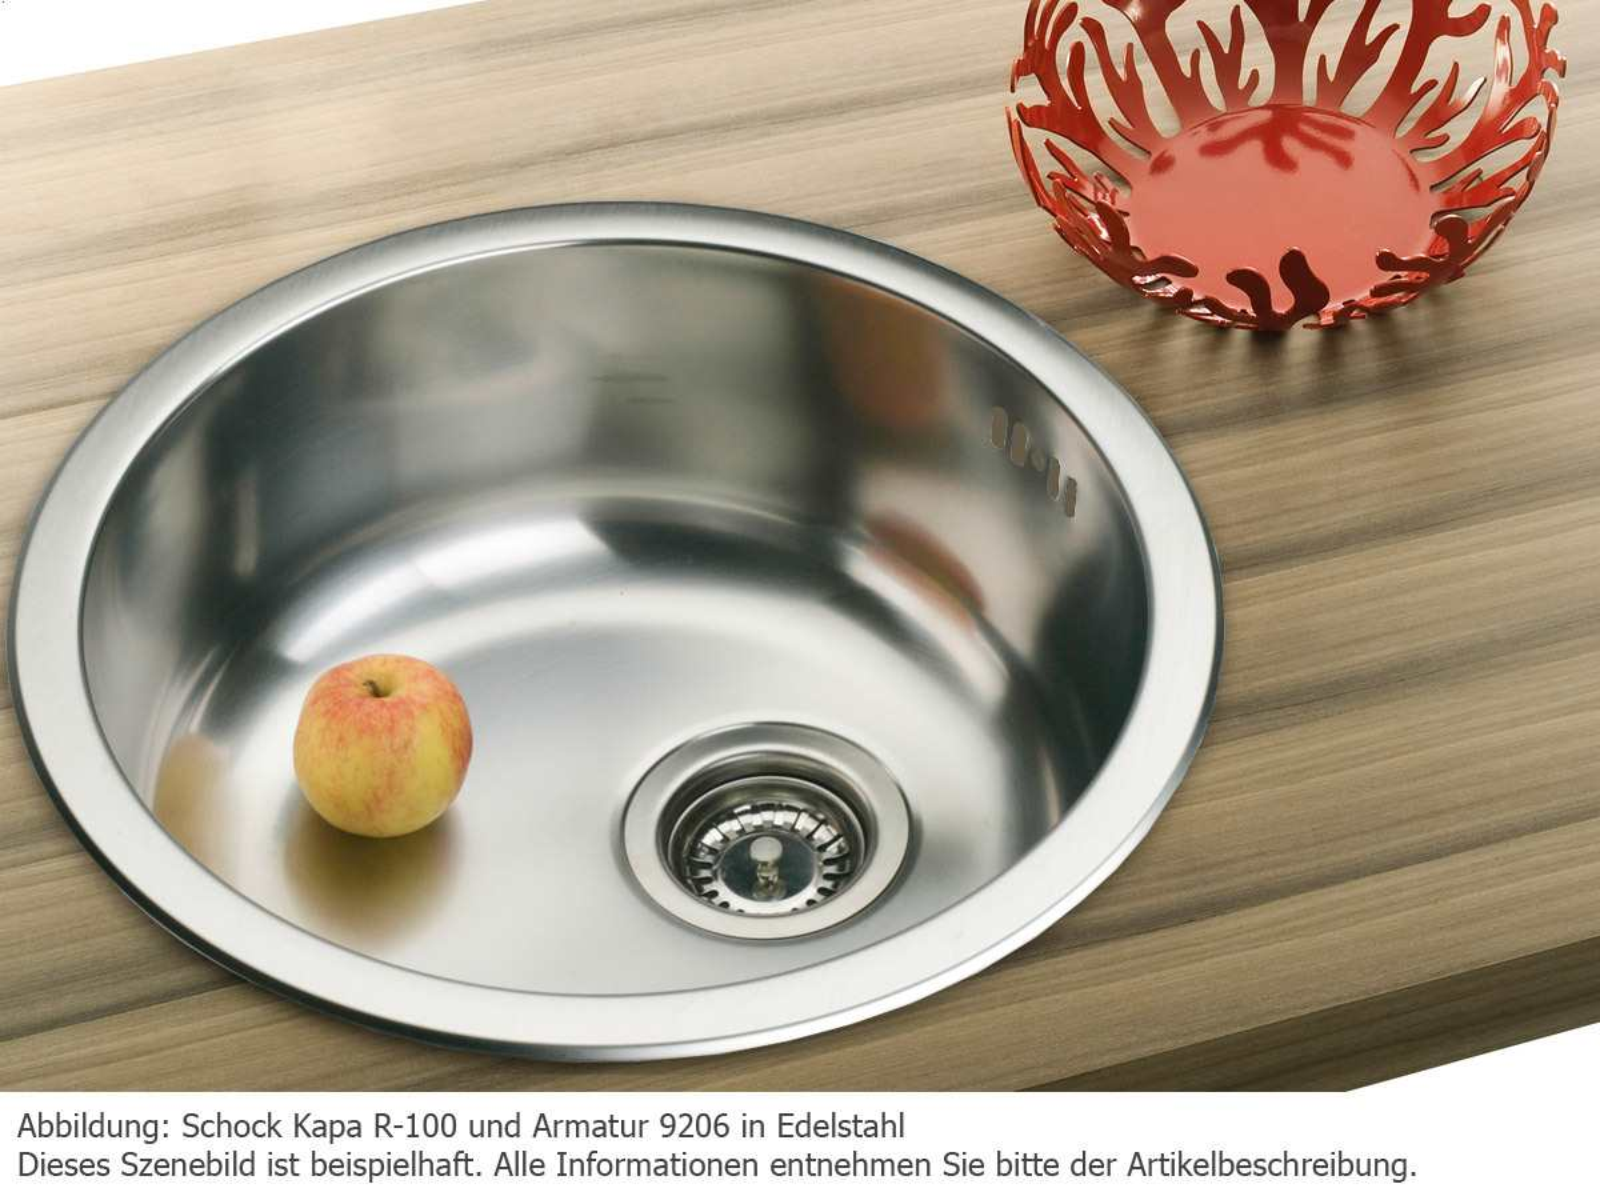 9001200 Küchenspülen Edelstahlspülen Schock Kapa R 100 Edelstahl Spüle  Bild, Beispiele, Ideen Und Design